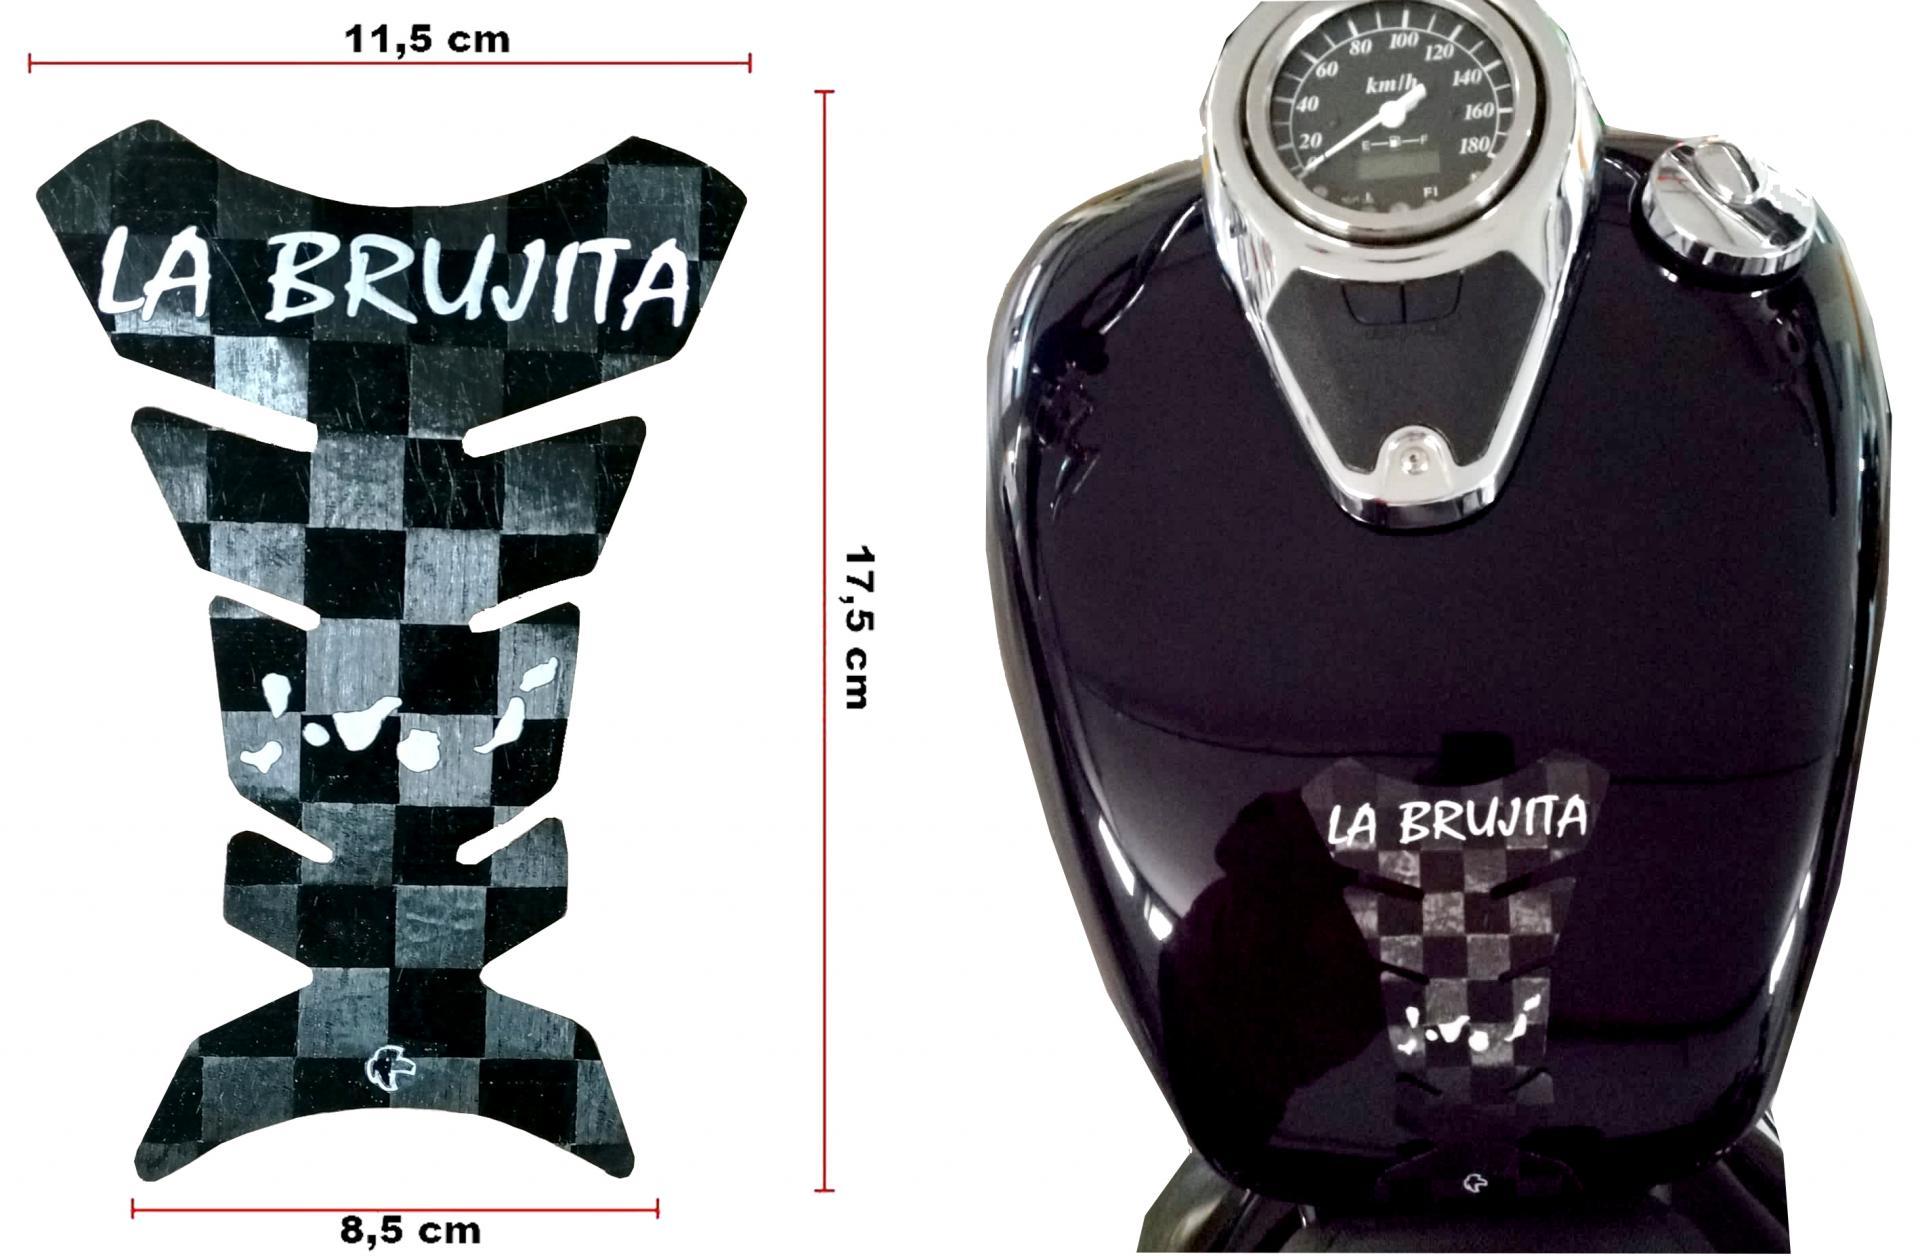 Moto Protector Personalizado 100 % carbono REAL 12K -  Protector de depósito personalizado para motocicleta - modelo universal válido para todo tipo de motos